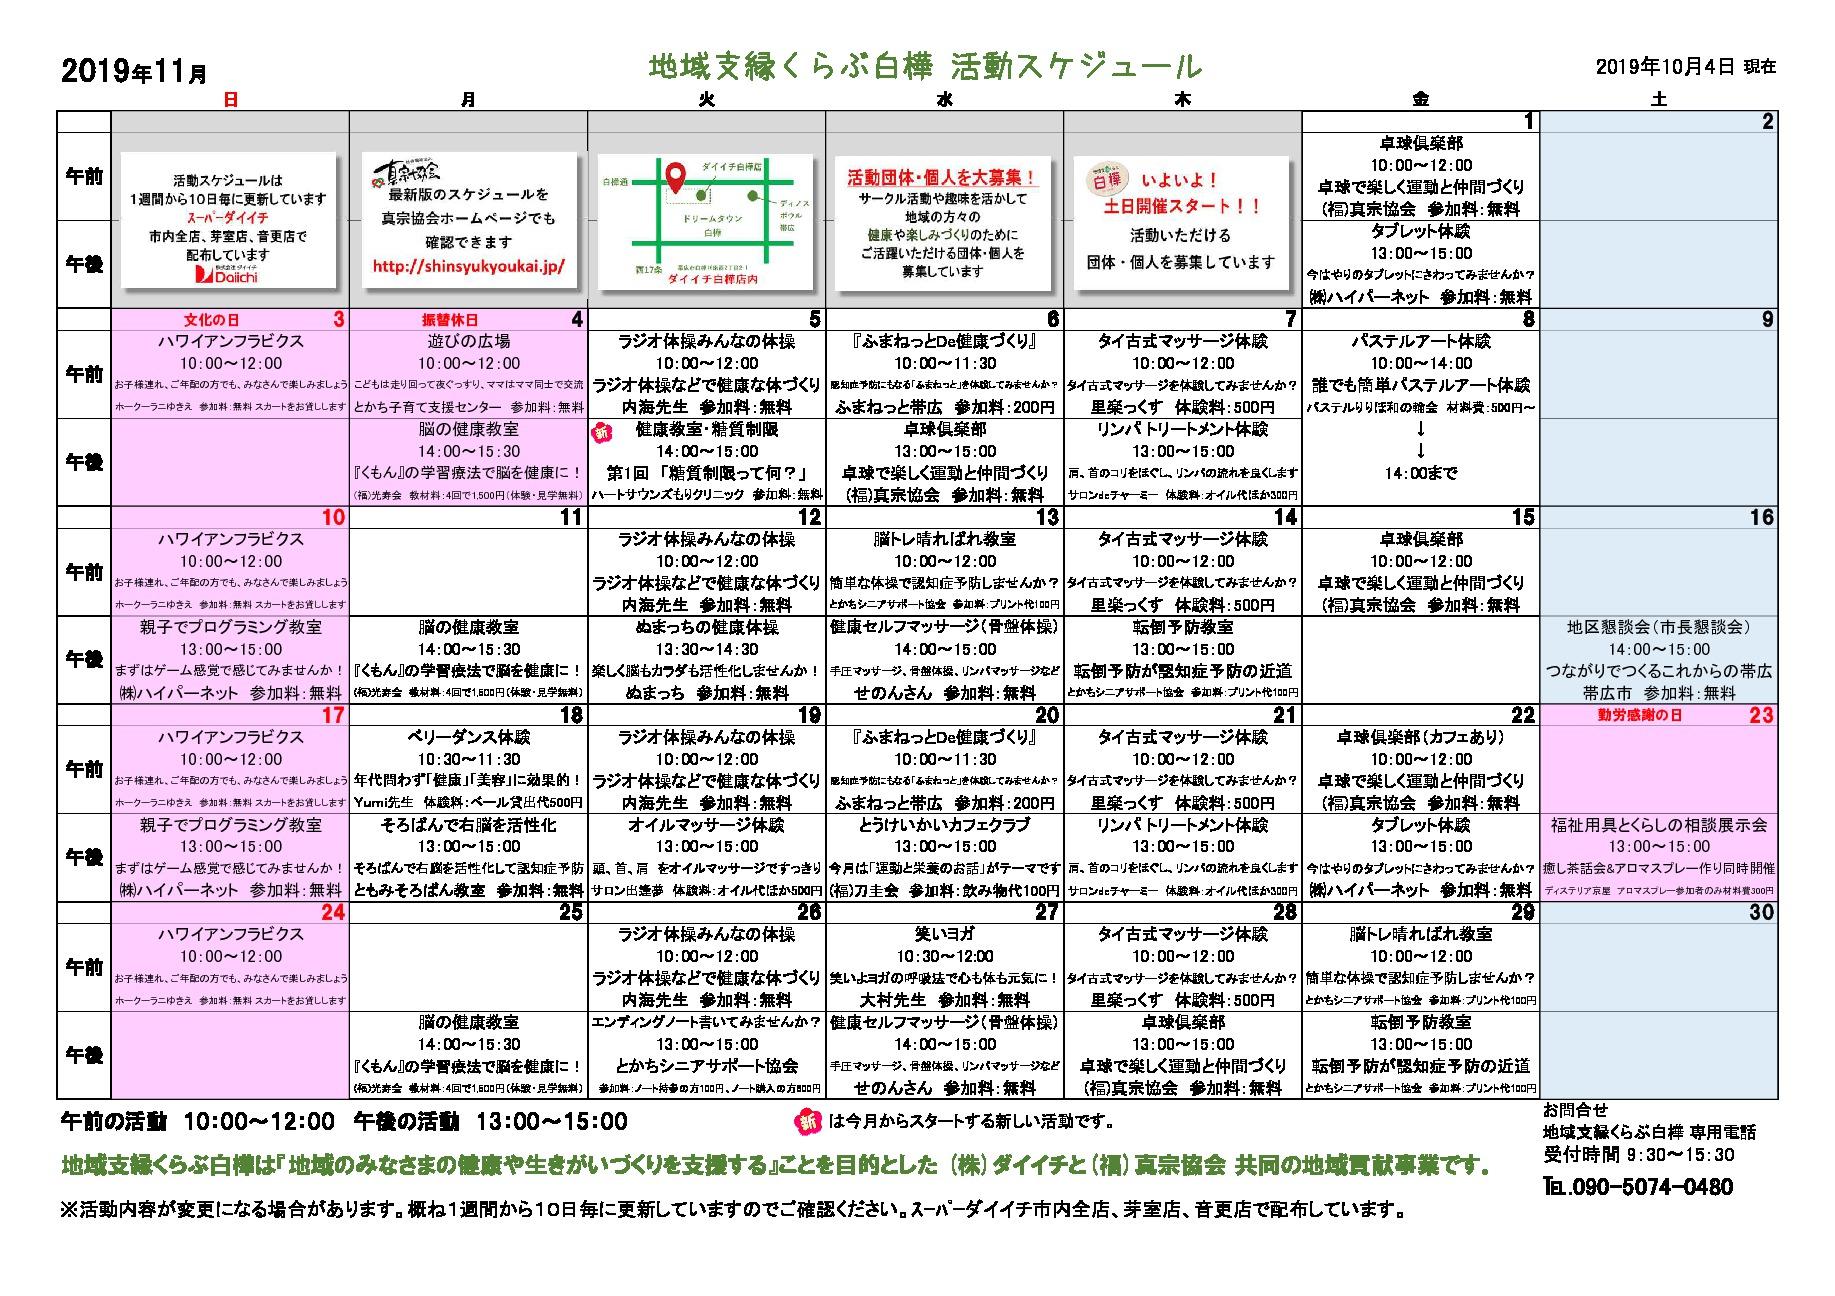 2019活動スケジュール11(2019.10.4付)のサムネイル